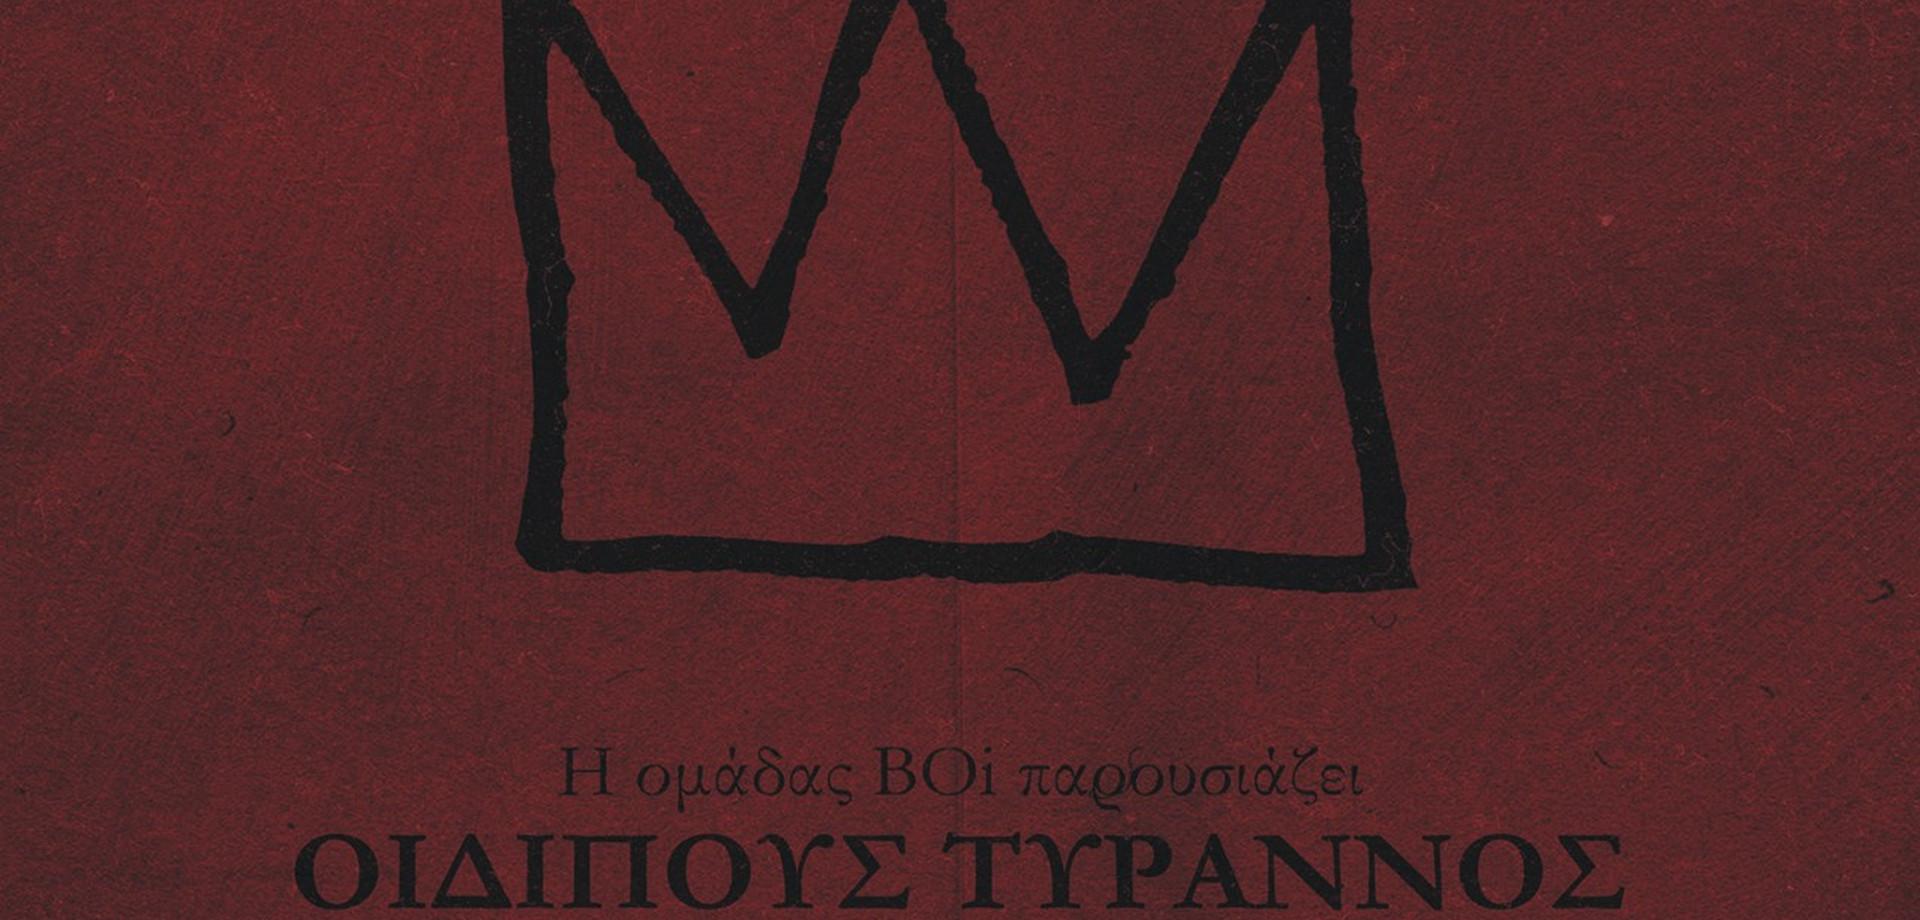 «Οιδίπους Τύραννος» στο Μέγαρο Μουσικής Αθηνών